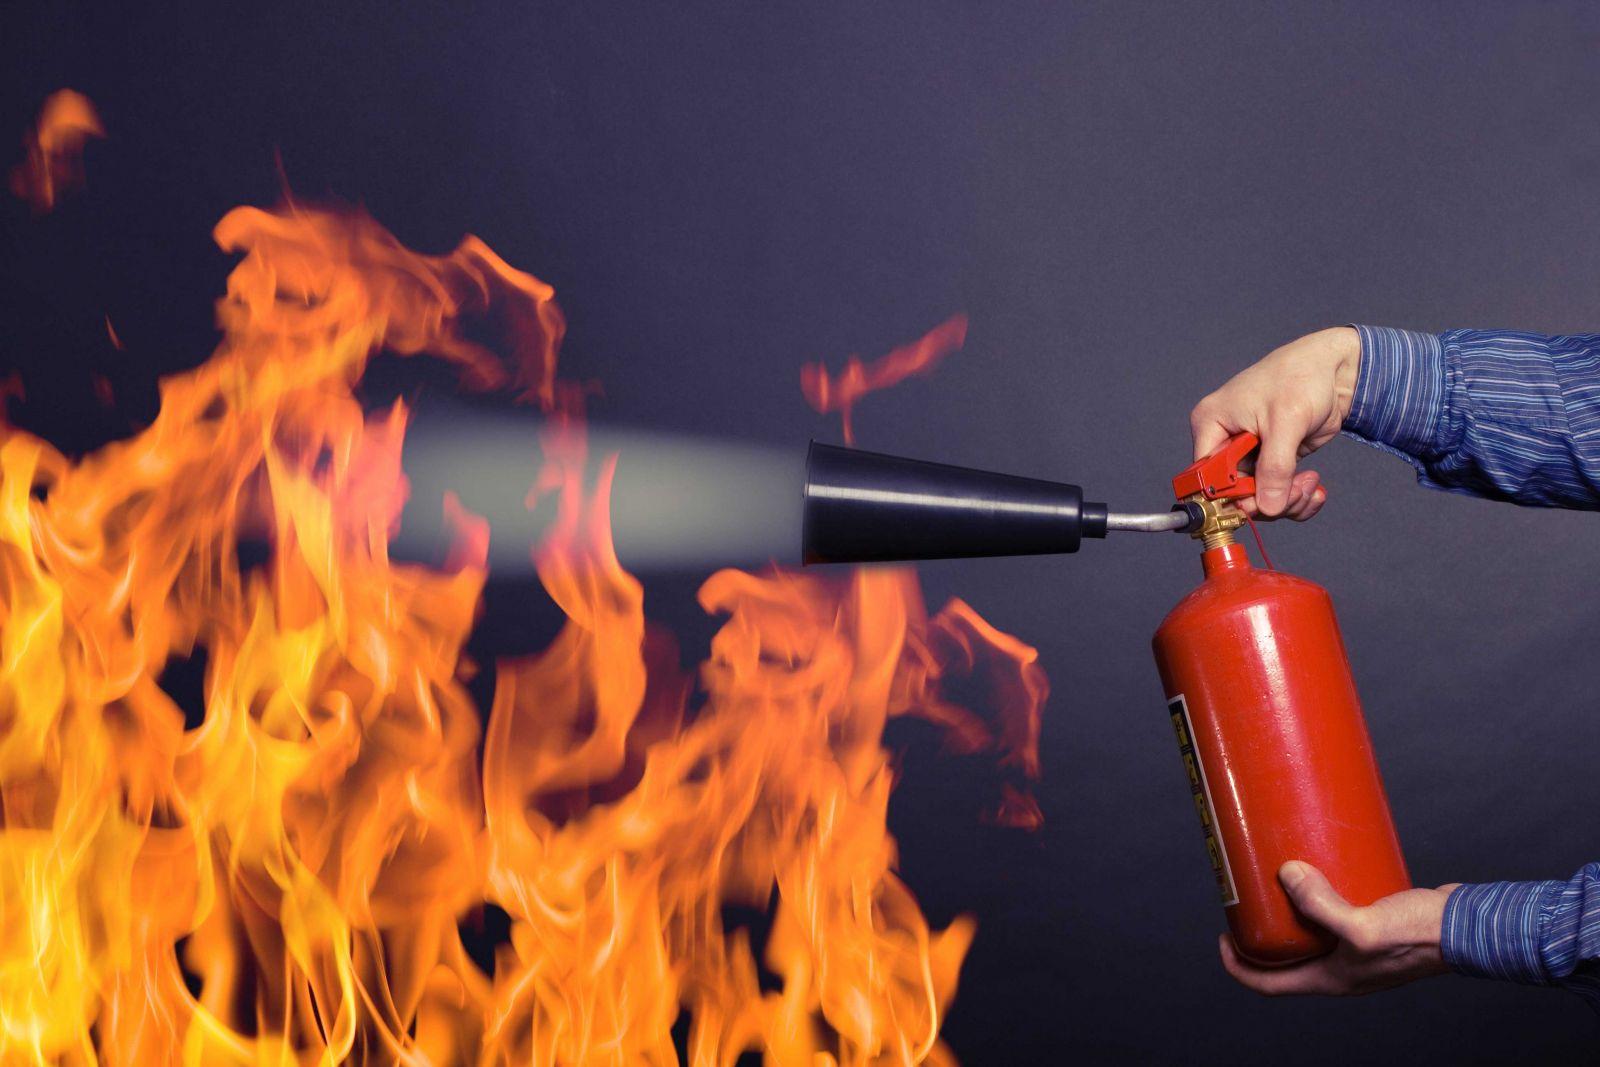 Обучение пожарно-техническому минимуму.